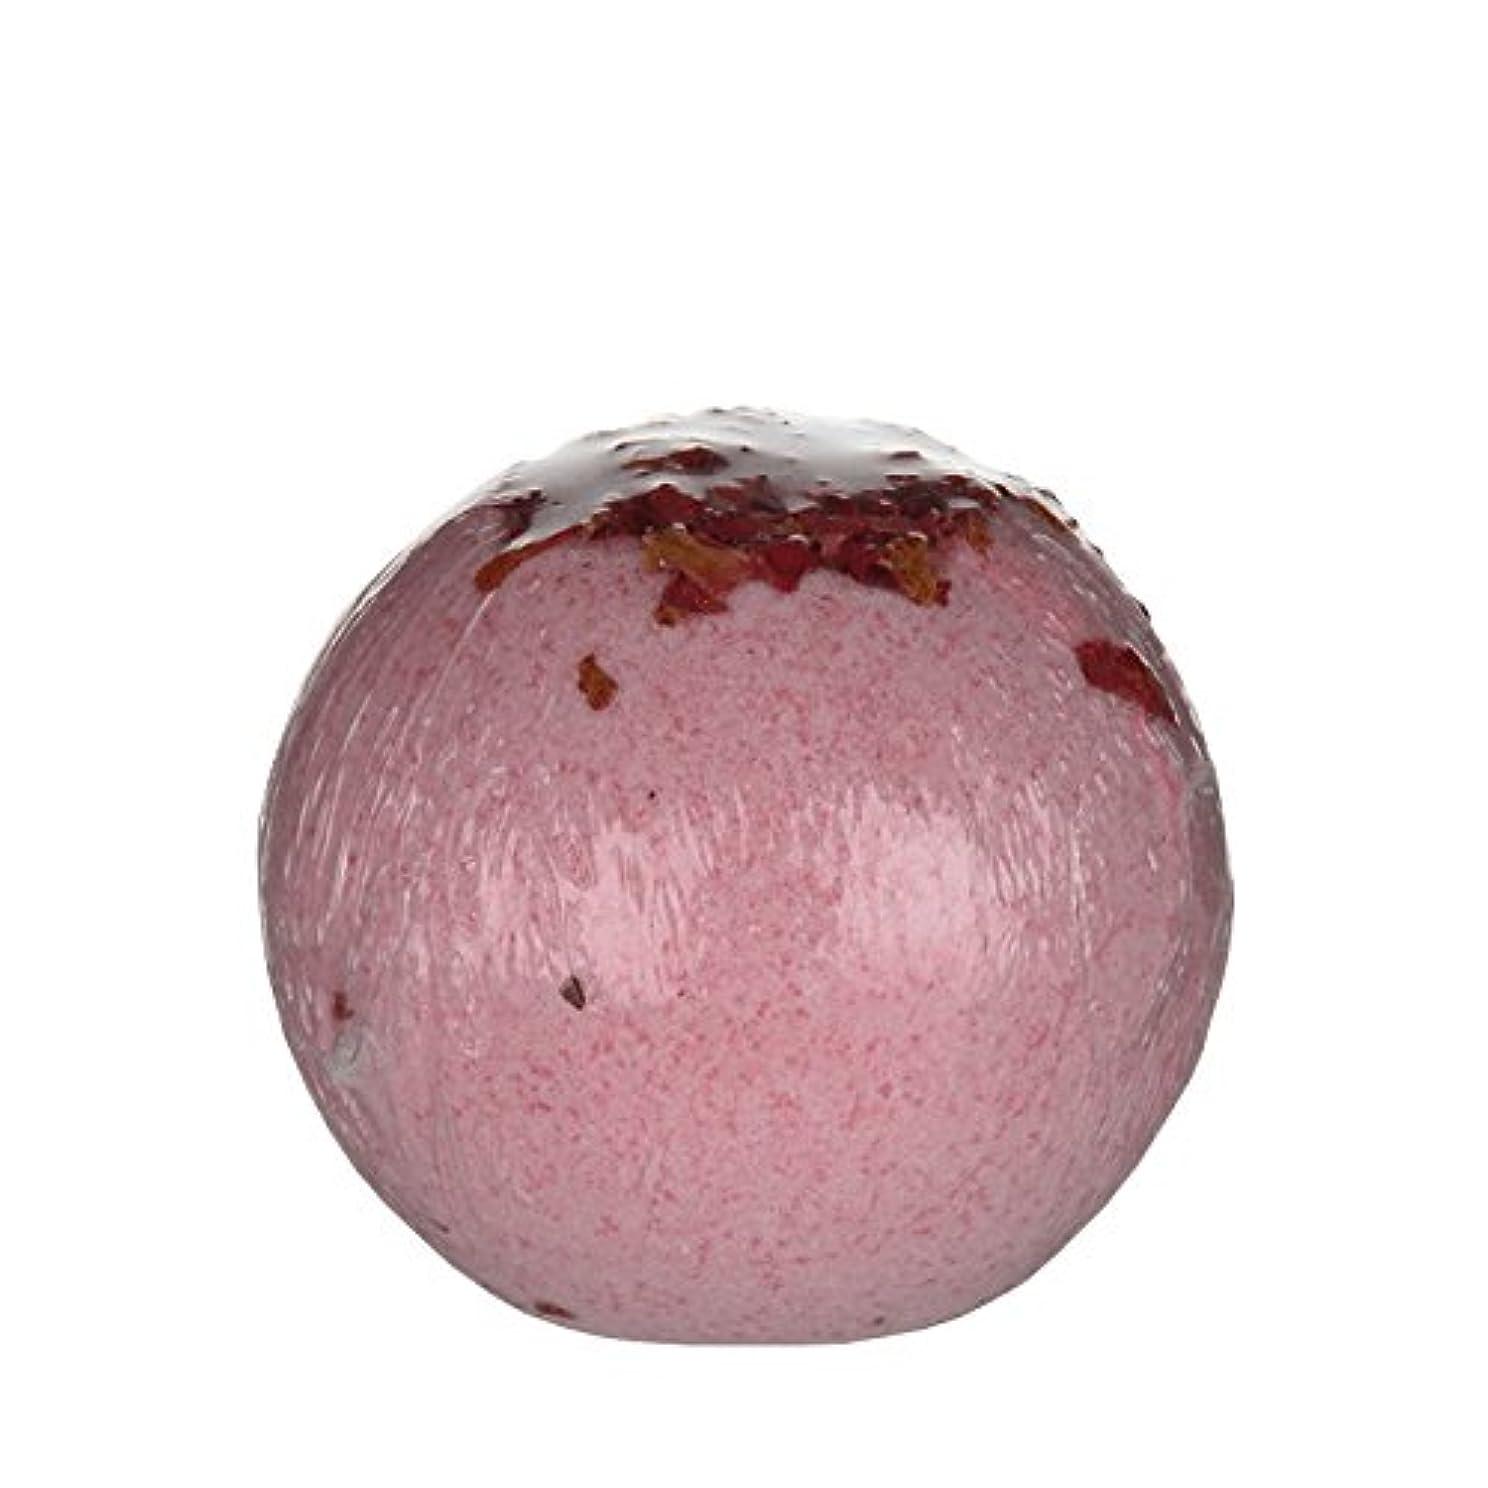 批判的逆プラスチックTreets Bath Ball Lavender Love 170g (Pack of 6) - Treetsバスボールラベンダーの愛の170グラム (x6) [並行輸入品]